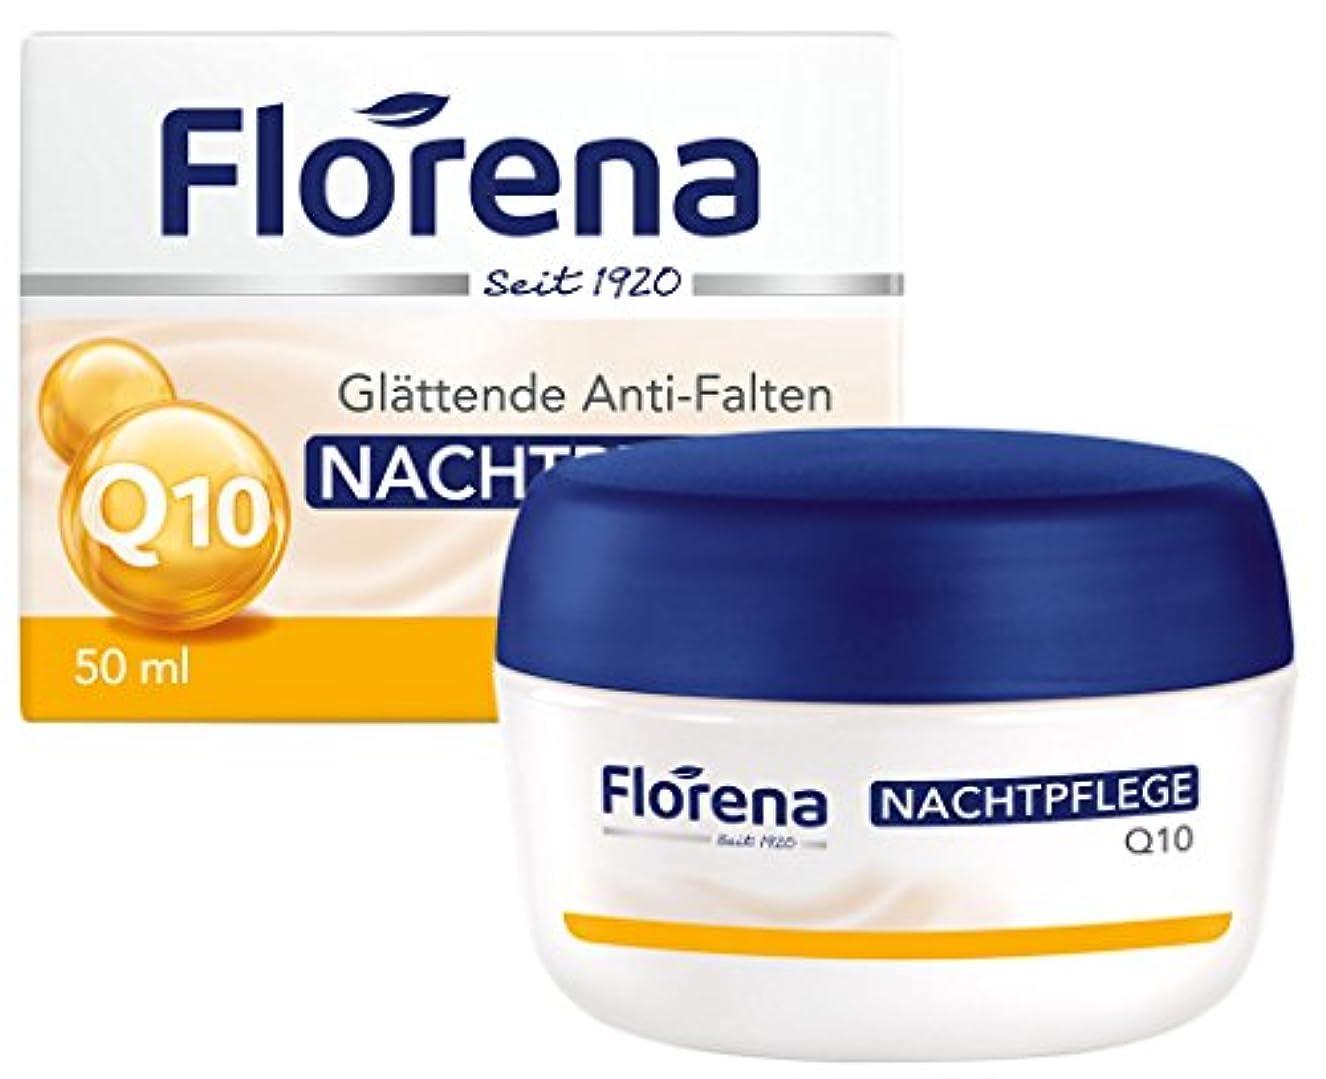 破滅的な参加する扱うFlorena(フロレナ) フェイス ナイトクリーム コエンザイムQ10